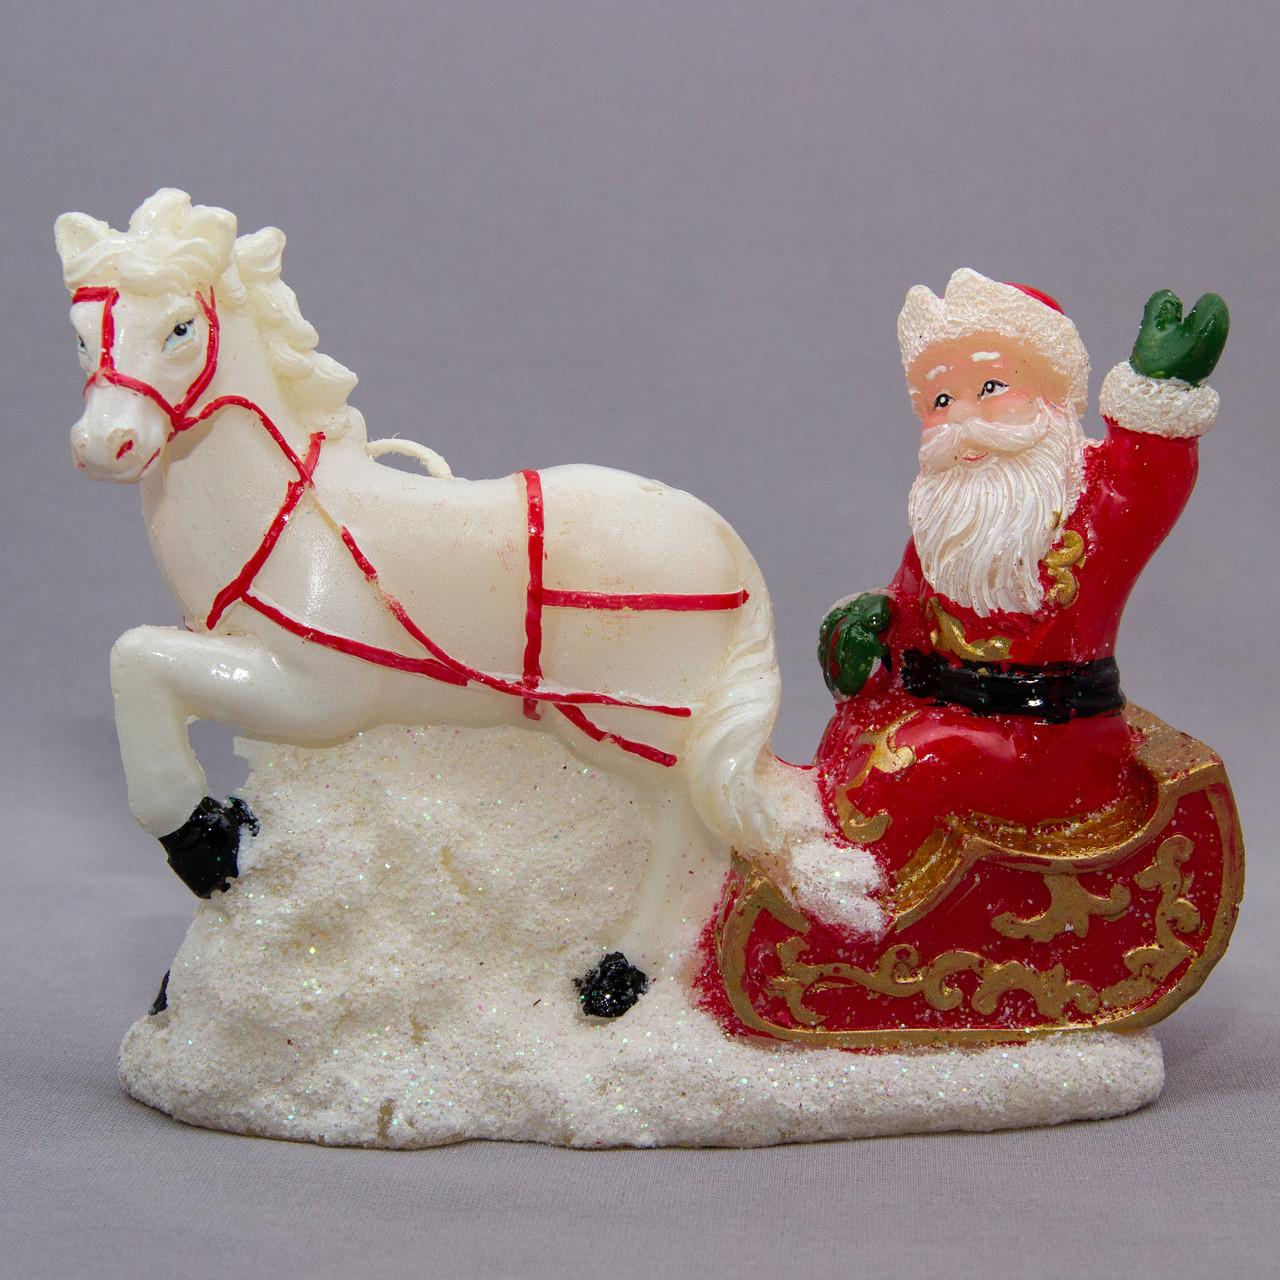 Свечка - Лошадка с Дедом Морозом на санях, 14,5*5,6*11,5 см, белый с красным, воск (790456)